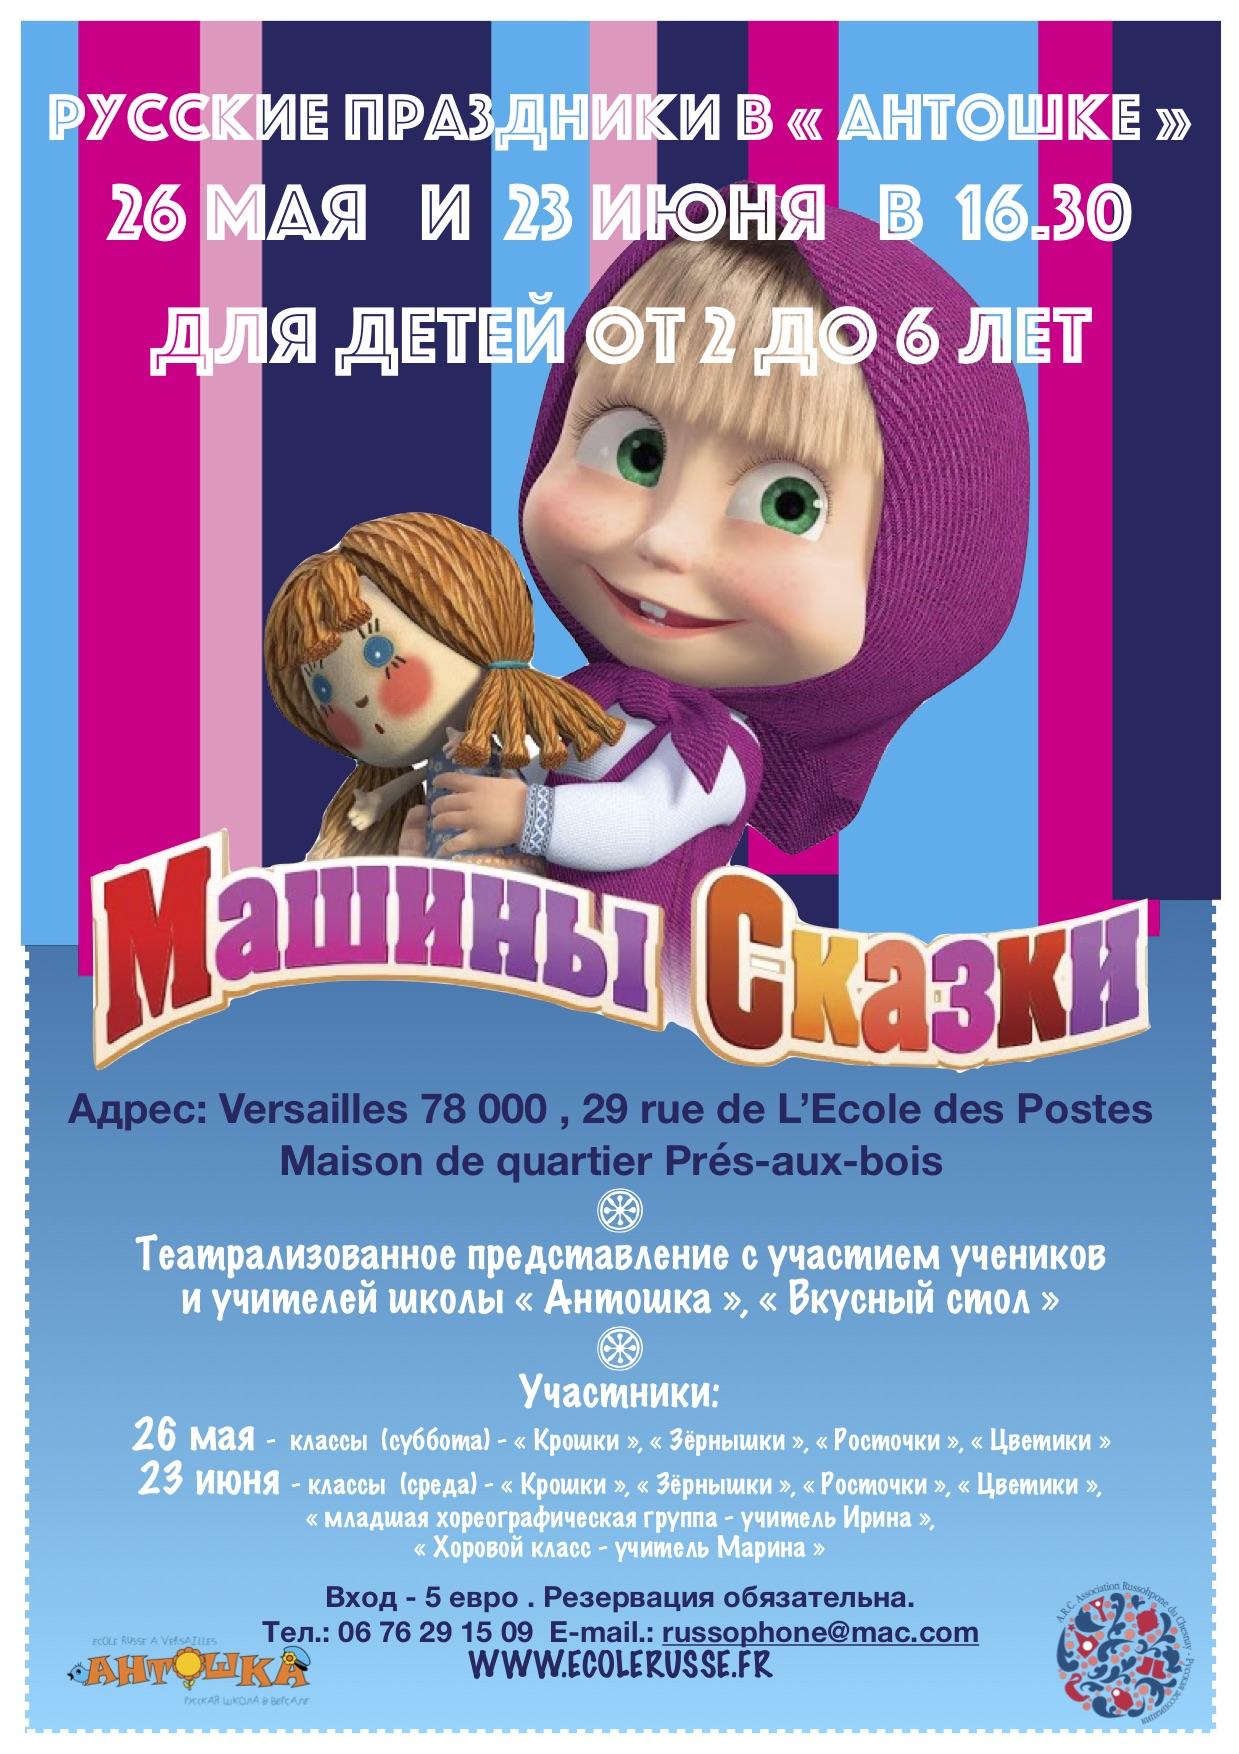 """РУССКИЕ праздники в «Антошке» 26 мая   и  23 июня   в  16.30 для детей от 2 до 6 лет """"МАШИНЫ СКАЗКИ"""""""